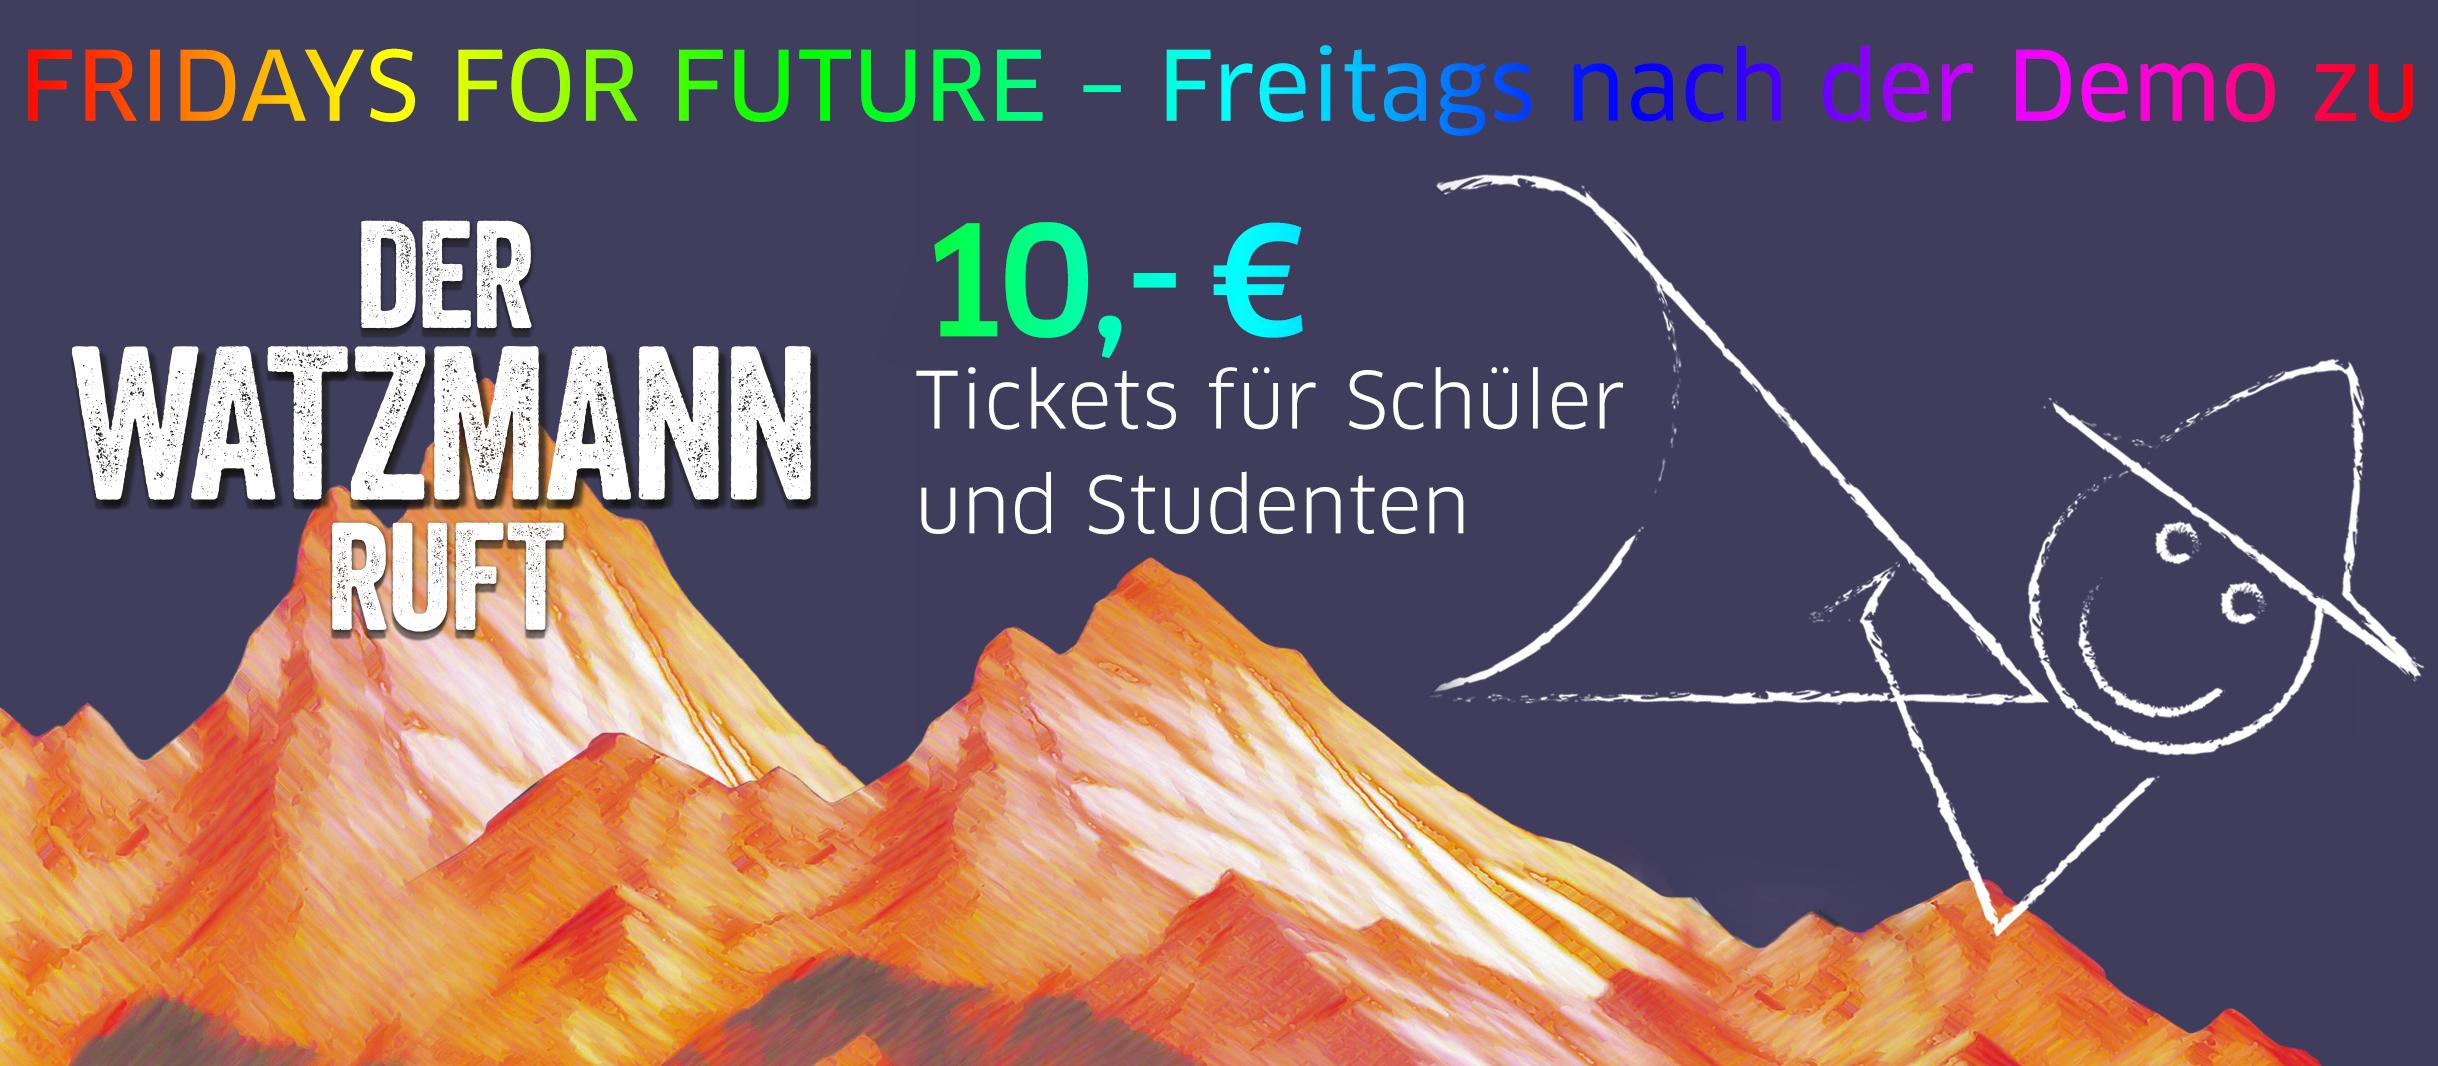 Watzmann_DeutschesTheaterMünchen_2019_Bild_FridayFuture-2